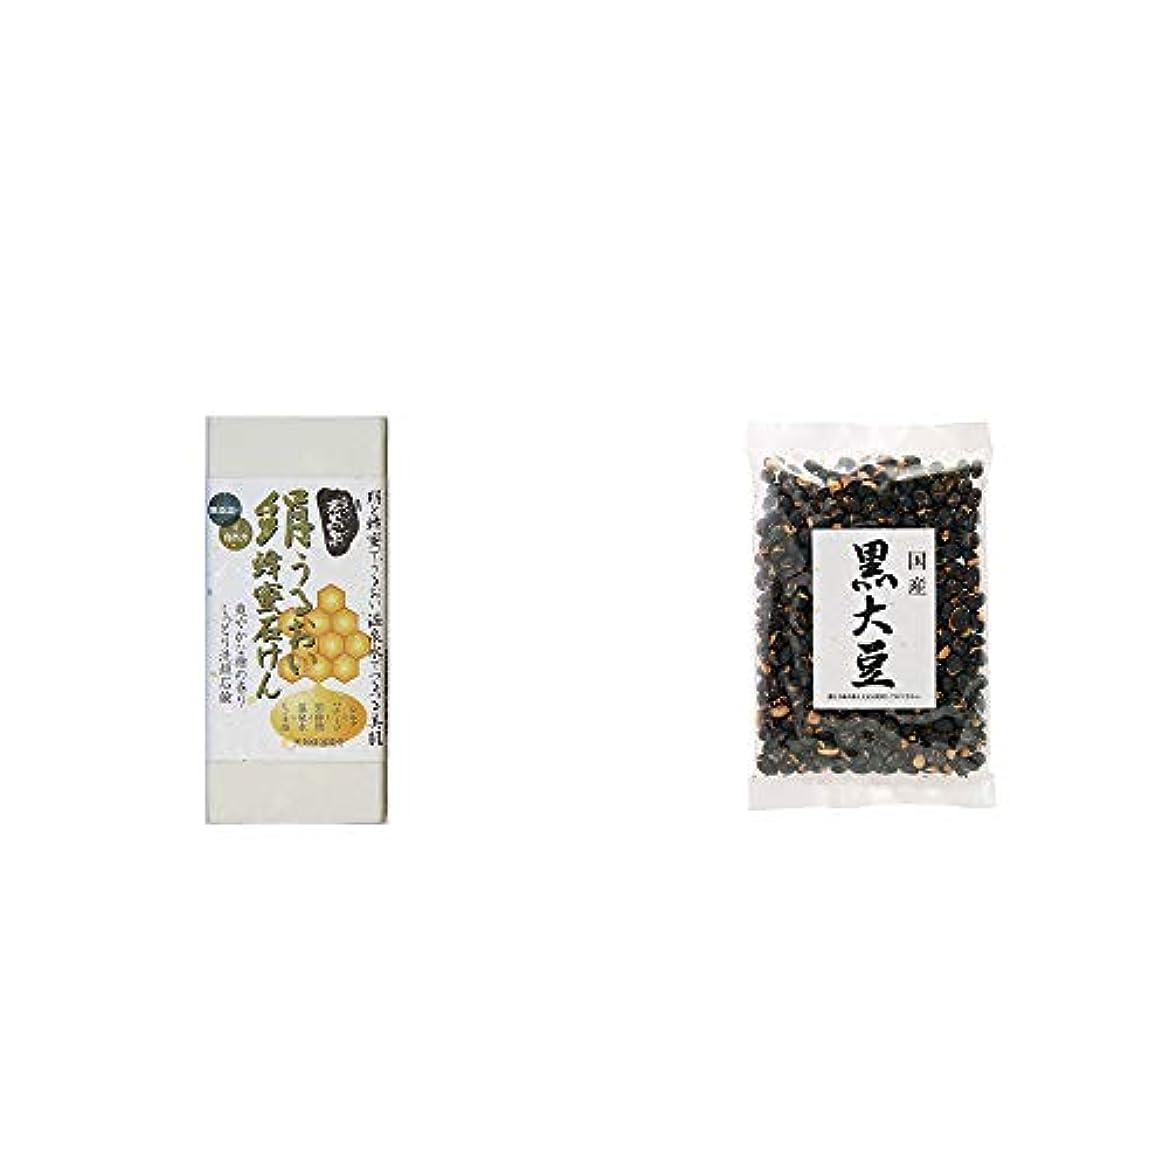 机欠陥最悪[2点セット] ひのき炭黒泉 絹うるおい蜂蜜石けん(75g×2)?国産 黒大豆(140g)